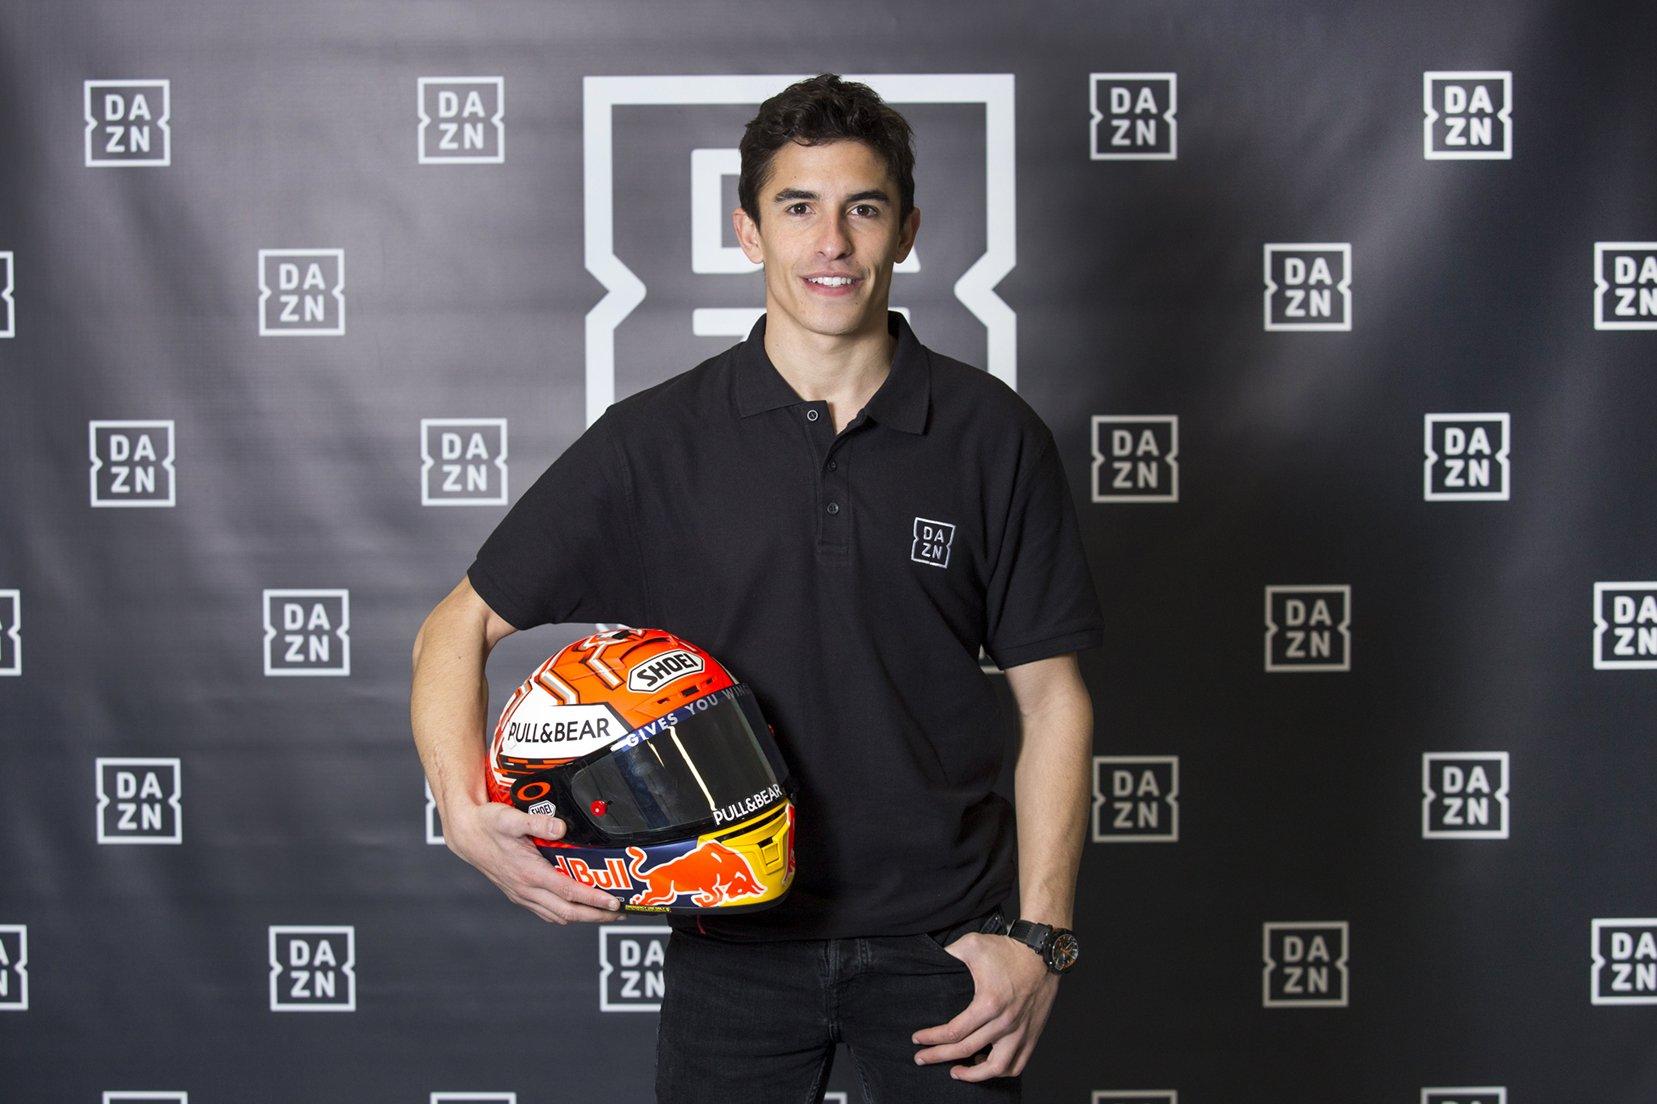 Marc Marquez ambasciatore di DAZN in Spagna